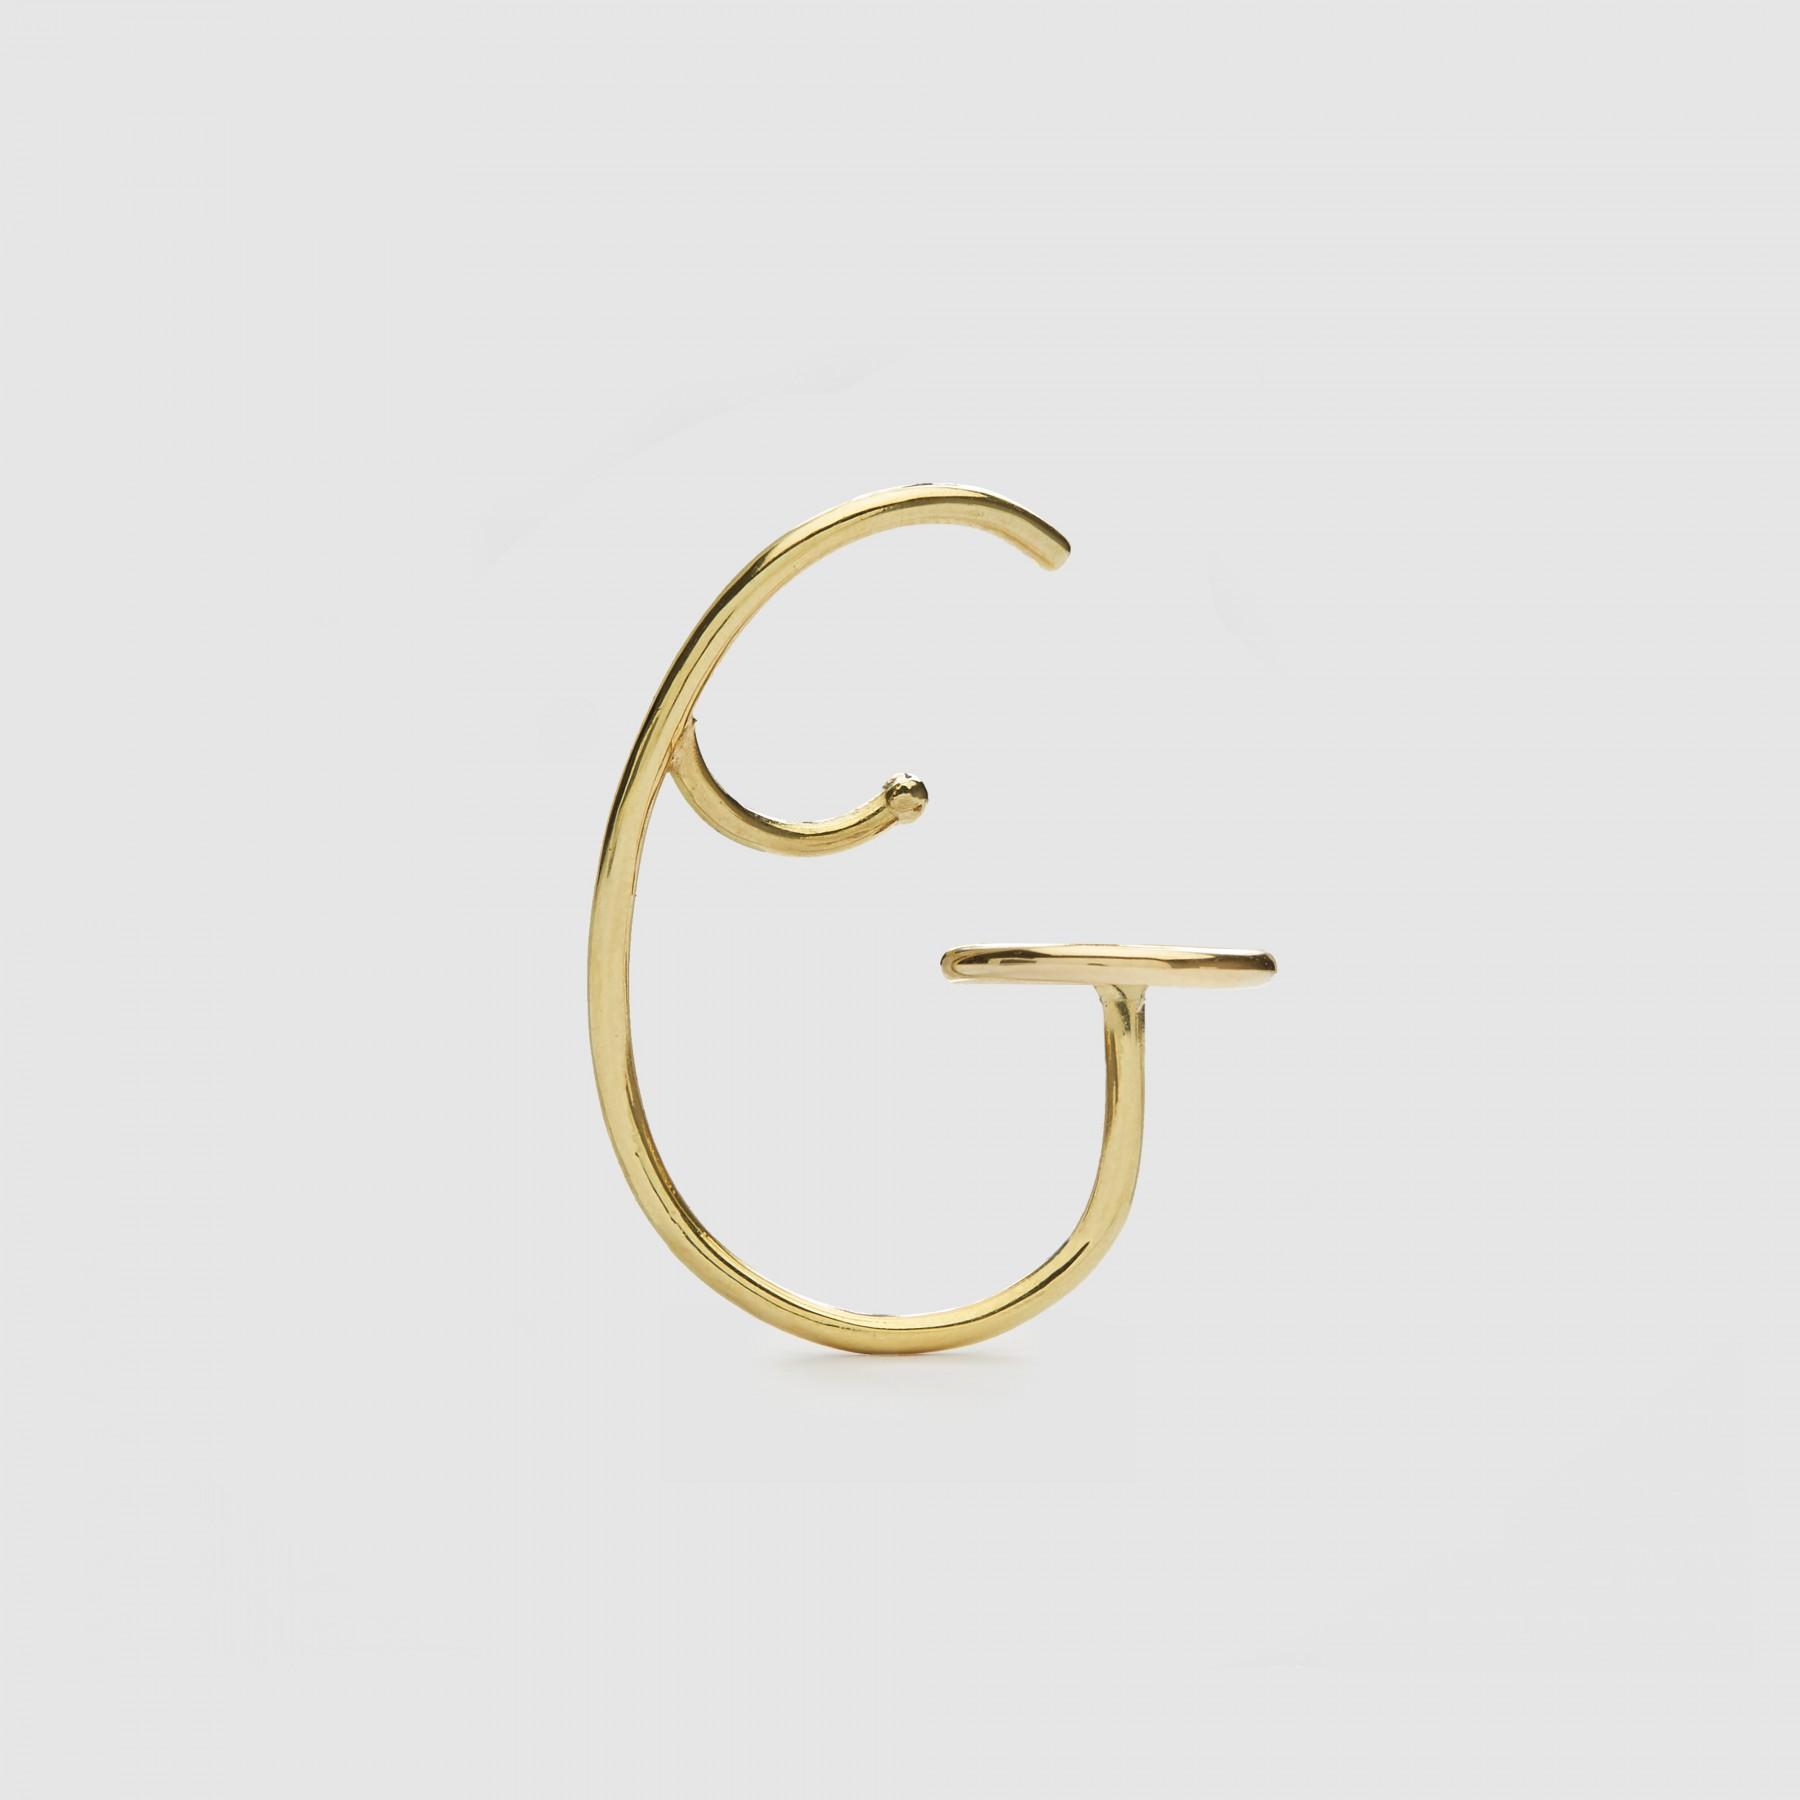 ana_khouri_earring_gold_01.jpg